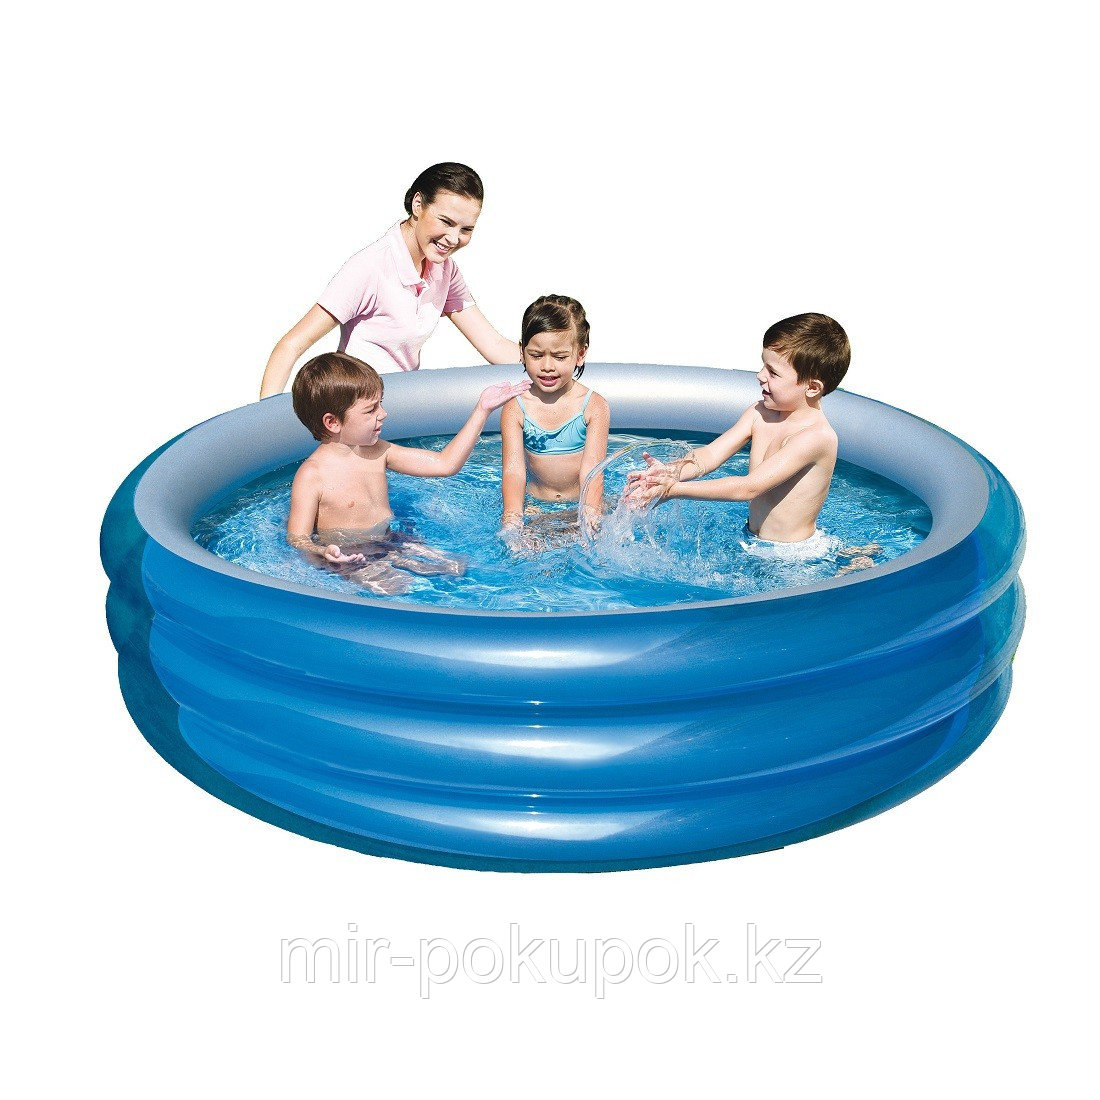 """Детский надувной бассейн """"Металик"""" Bestway 51042 (170 х 53 см), Алматы"""